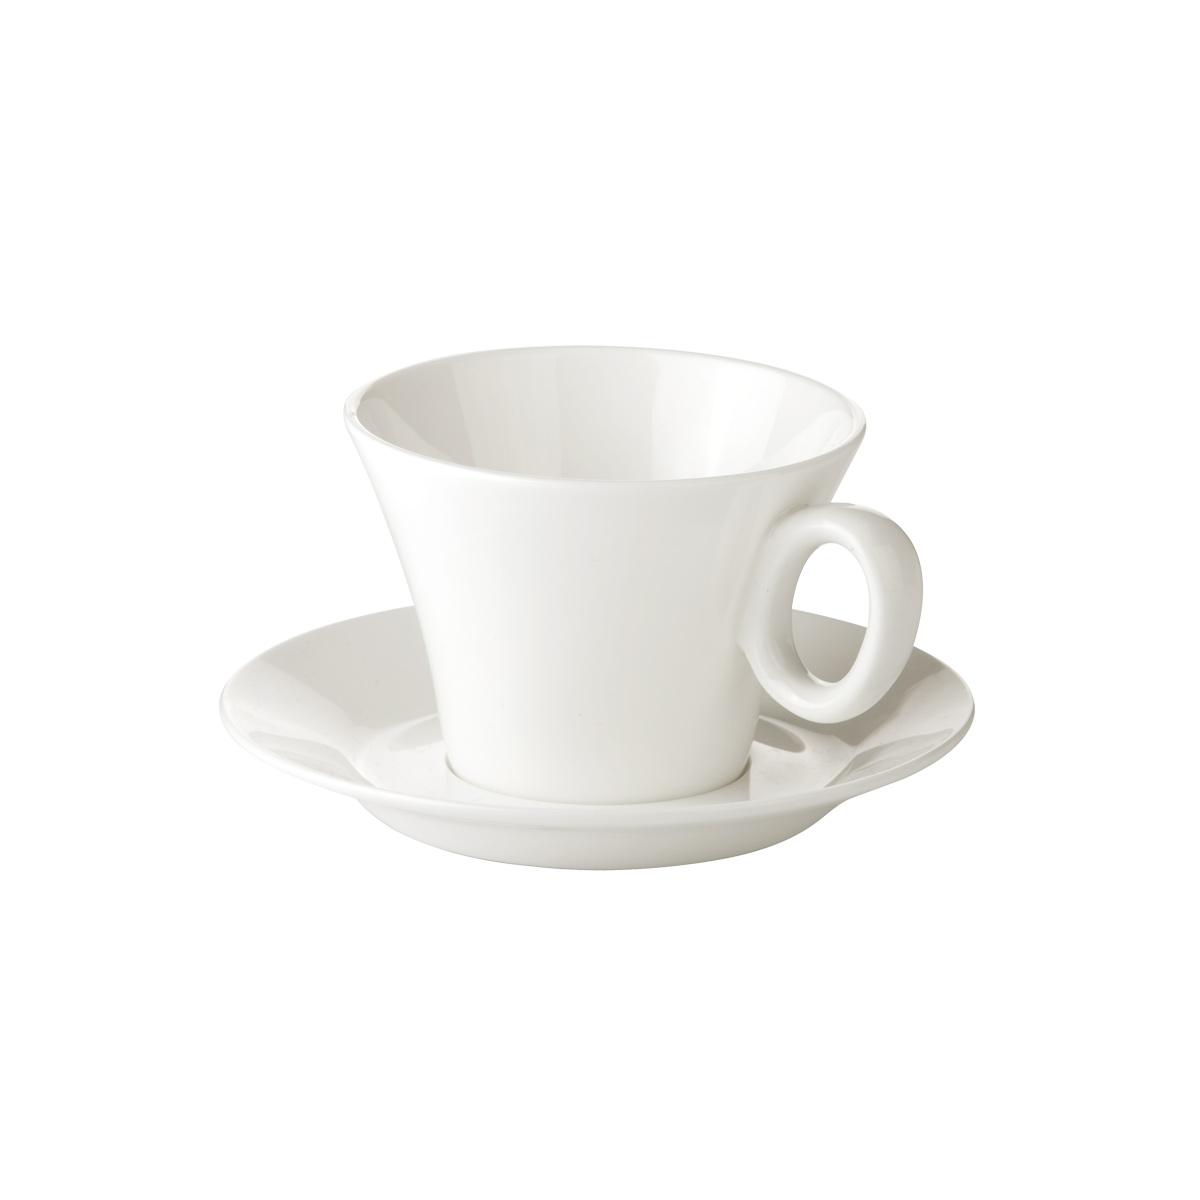 Šálek na čaj ALLEGRO, s podšálkem